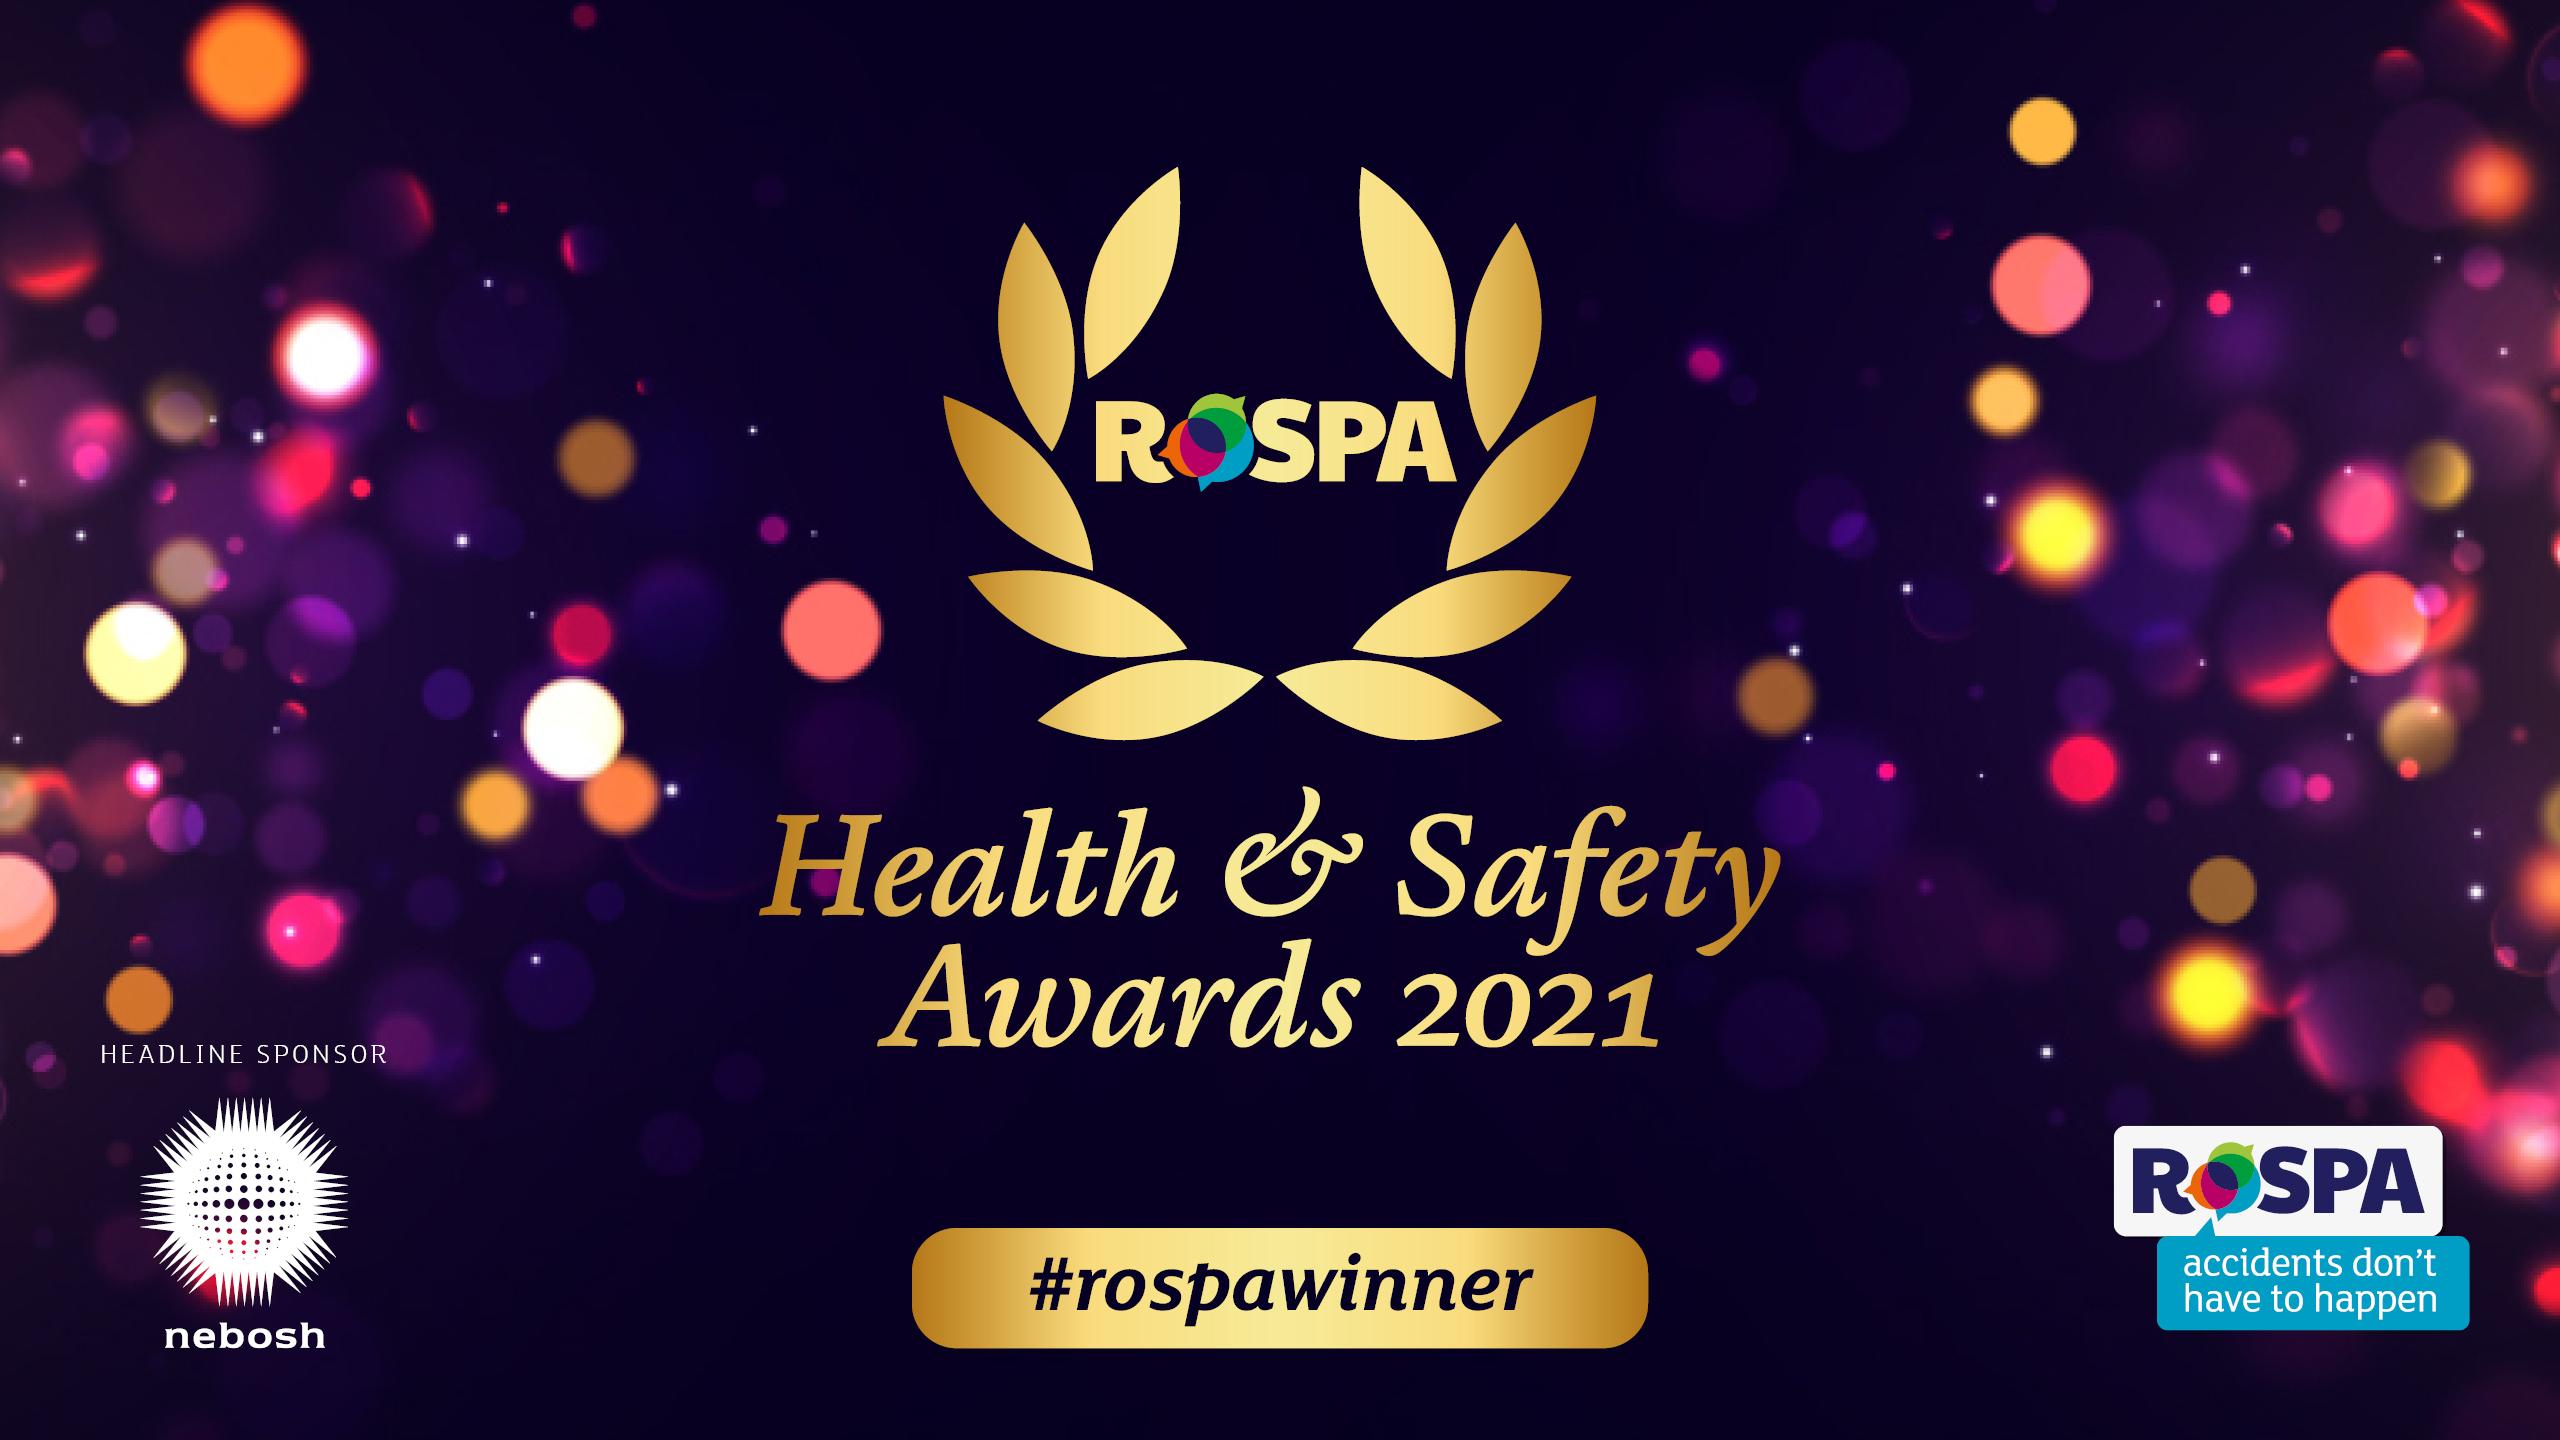 Mackenzie Construction awarded 13th Gold RoSPA Health & Safety Award